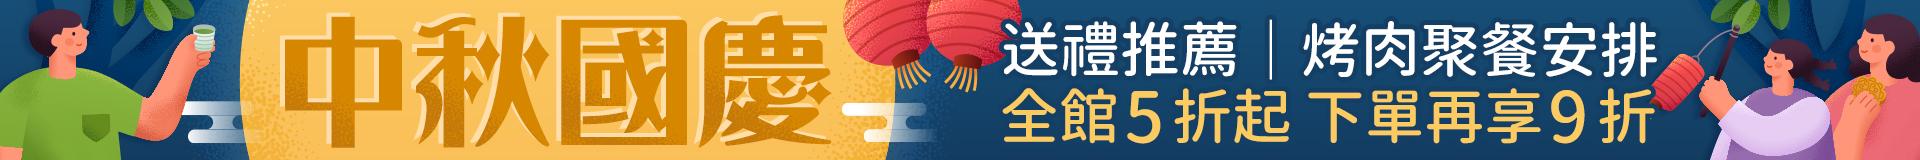 中秋/國慶連假